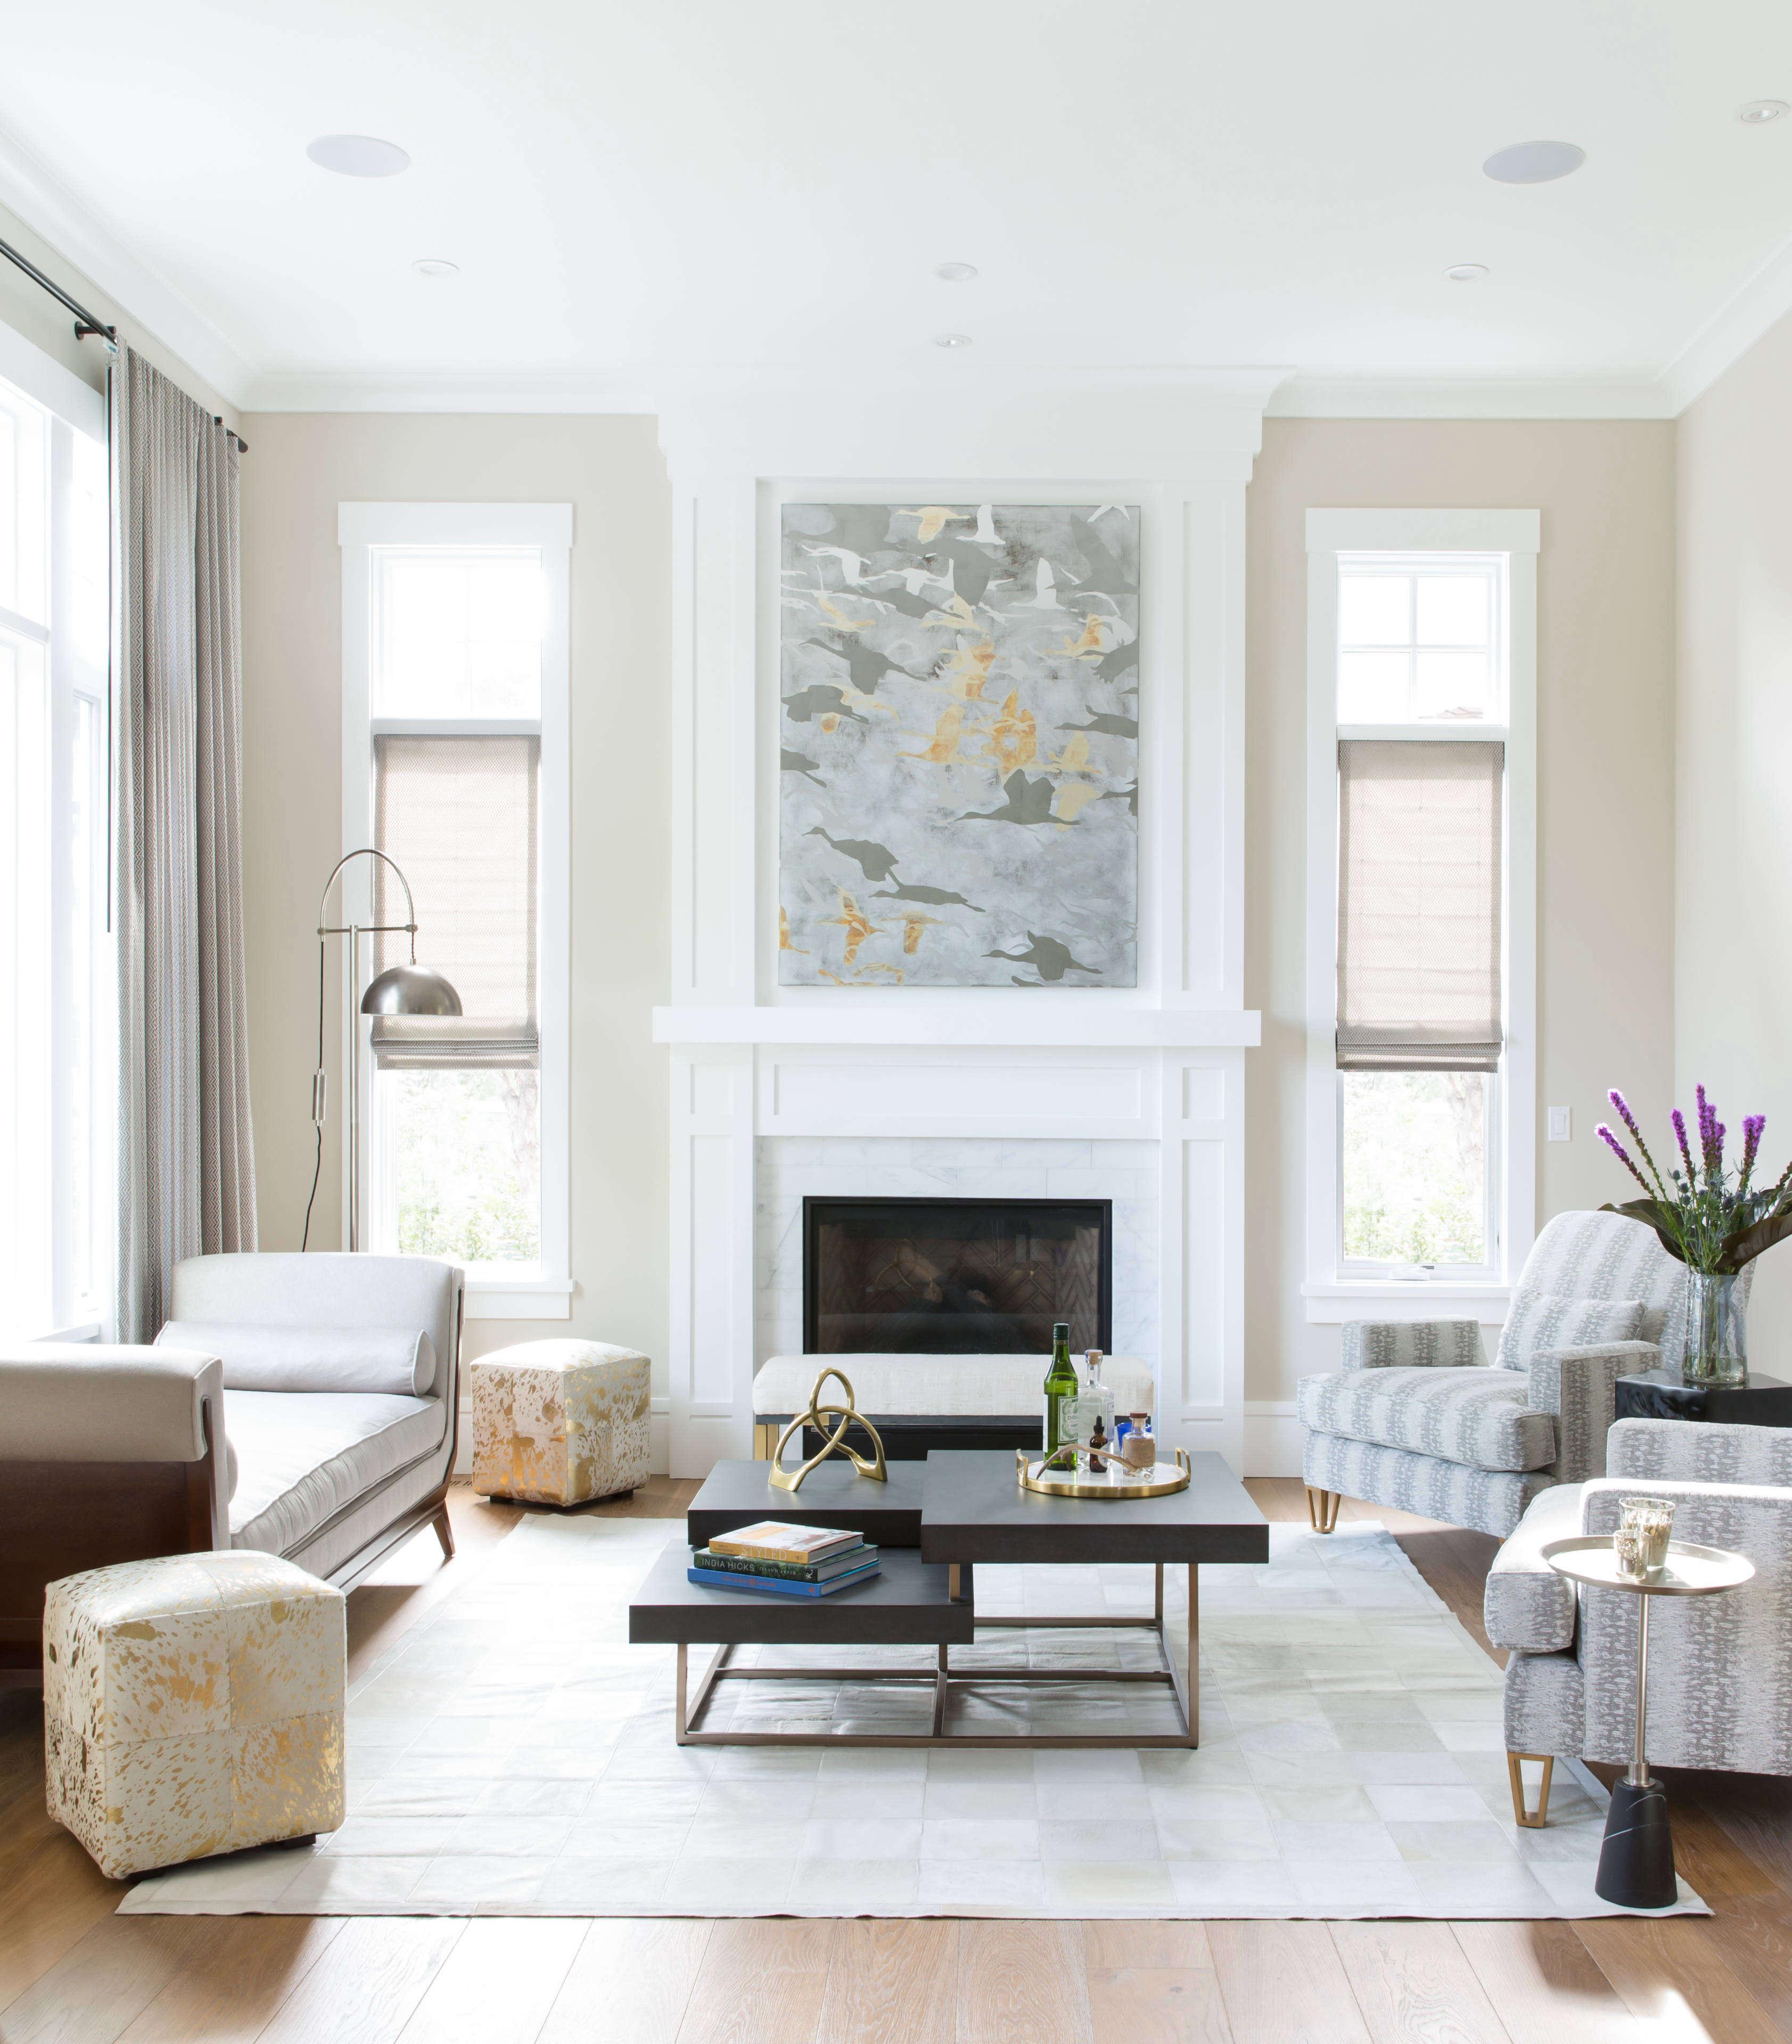 craftsman living room remodelista - Craftsman Living Room